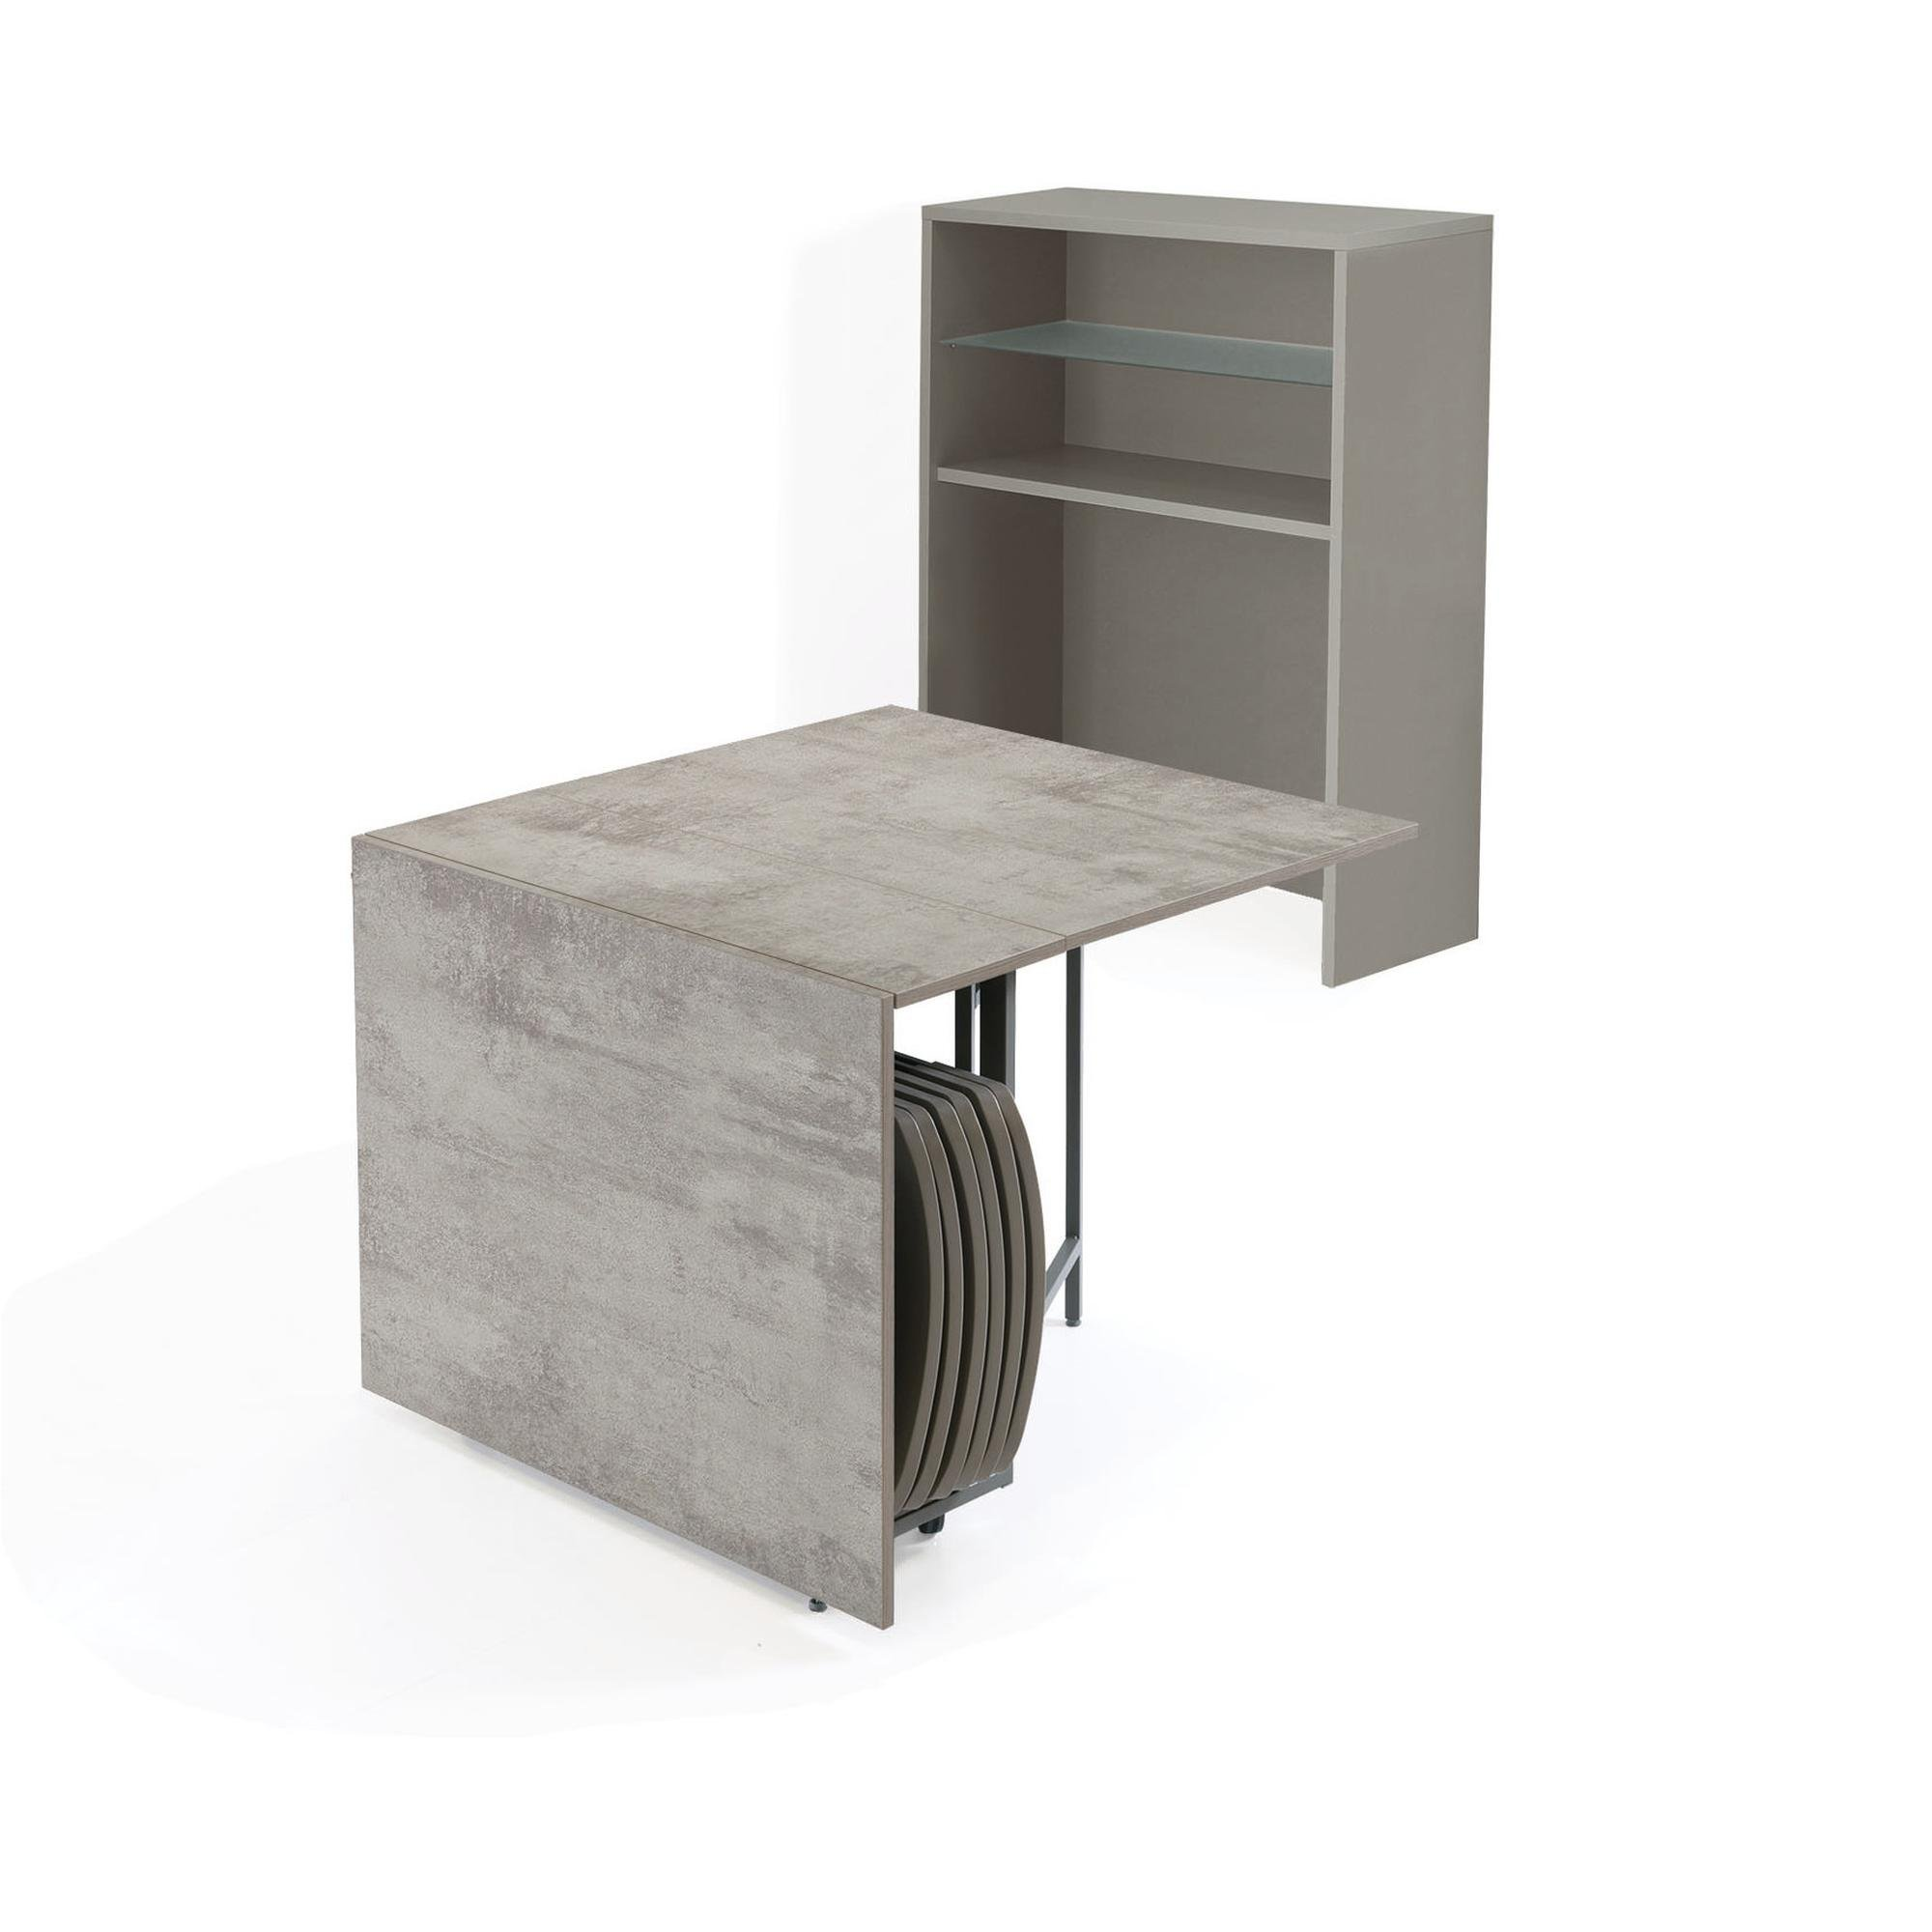 Libreria 96x37,5xh125 cm con tavolo chiudibile e sei sedie ZETA O FIRST chiudibili | Pezzani srl